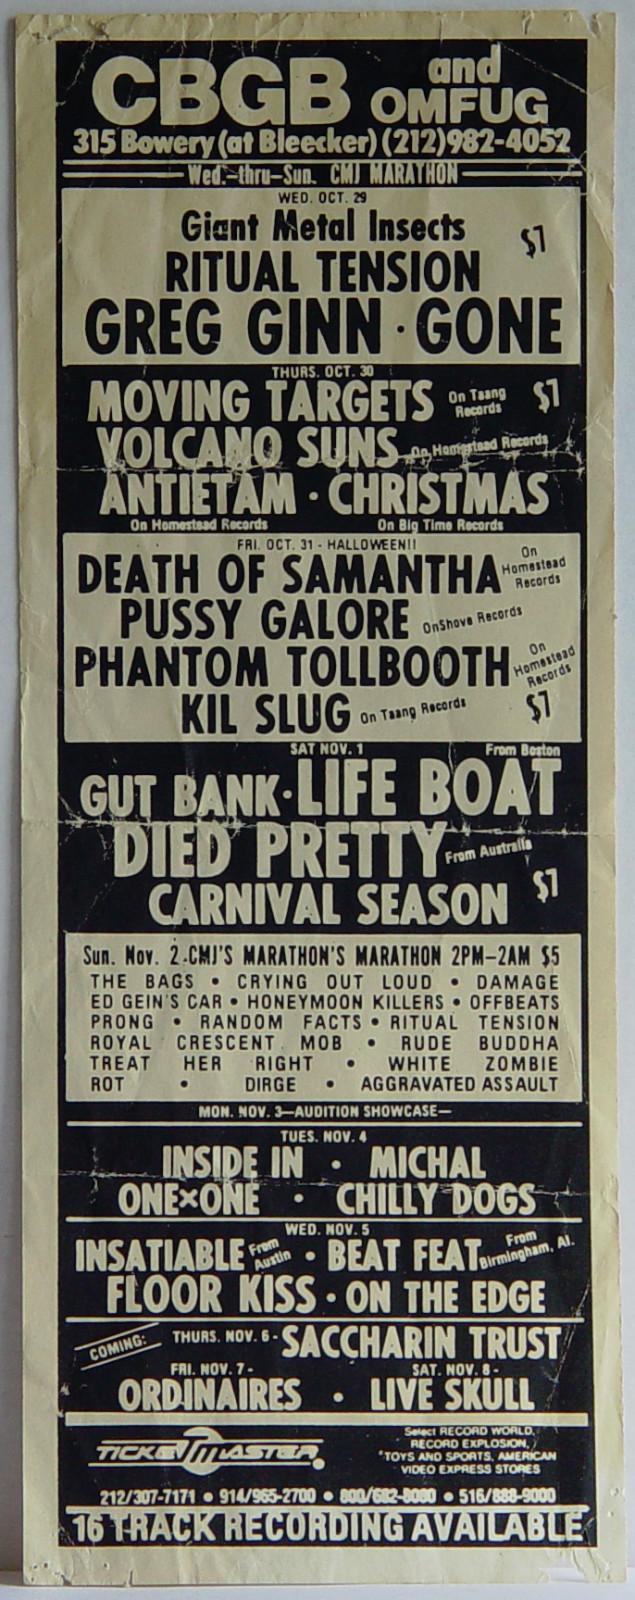 Pussy Galore - CBGB, New York, NY, US  (31 October 1986)